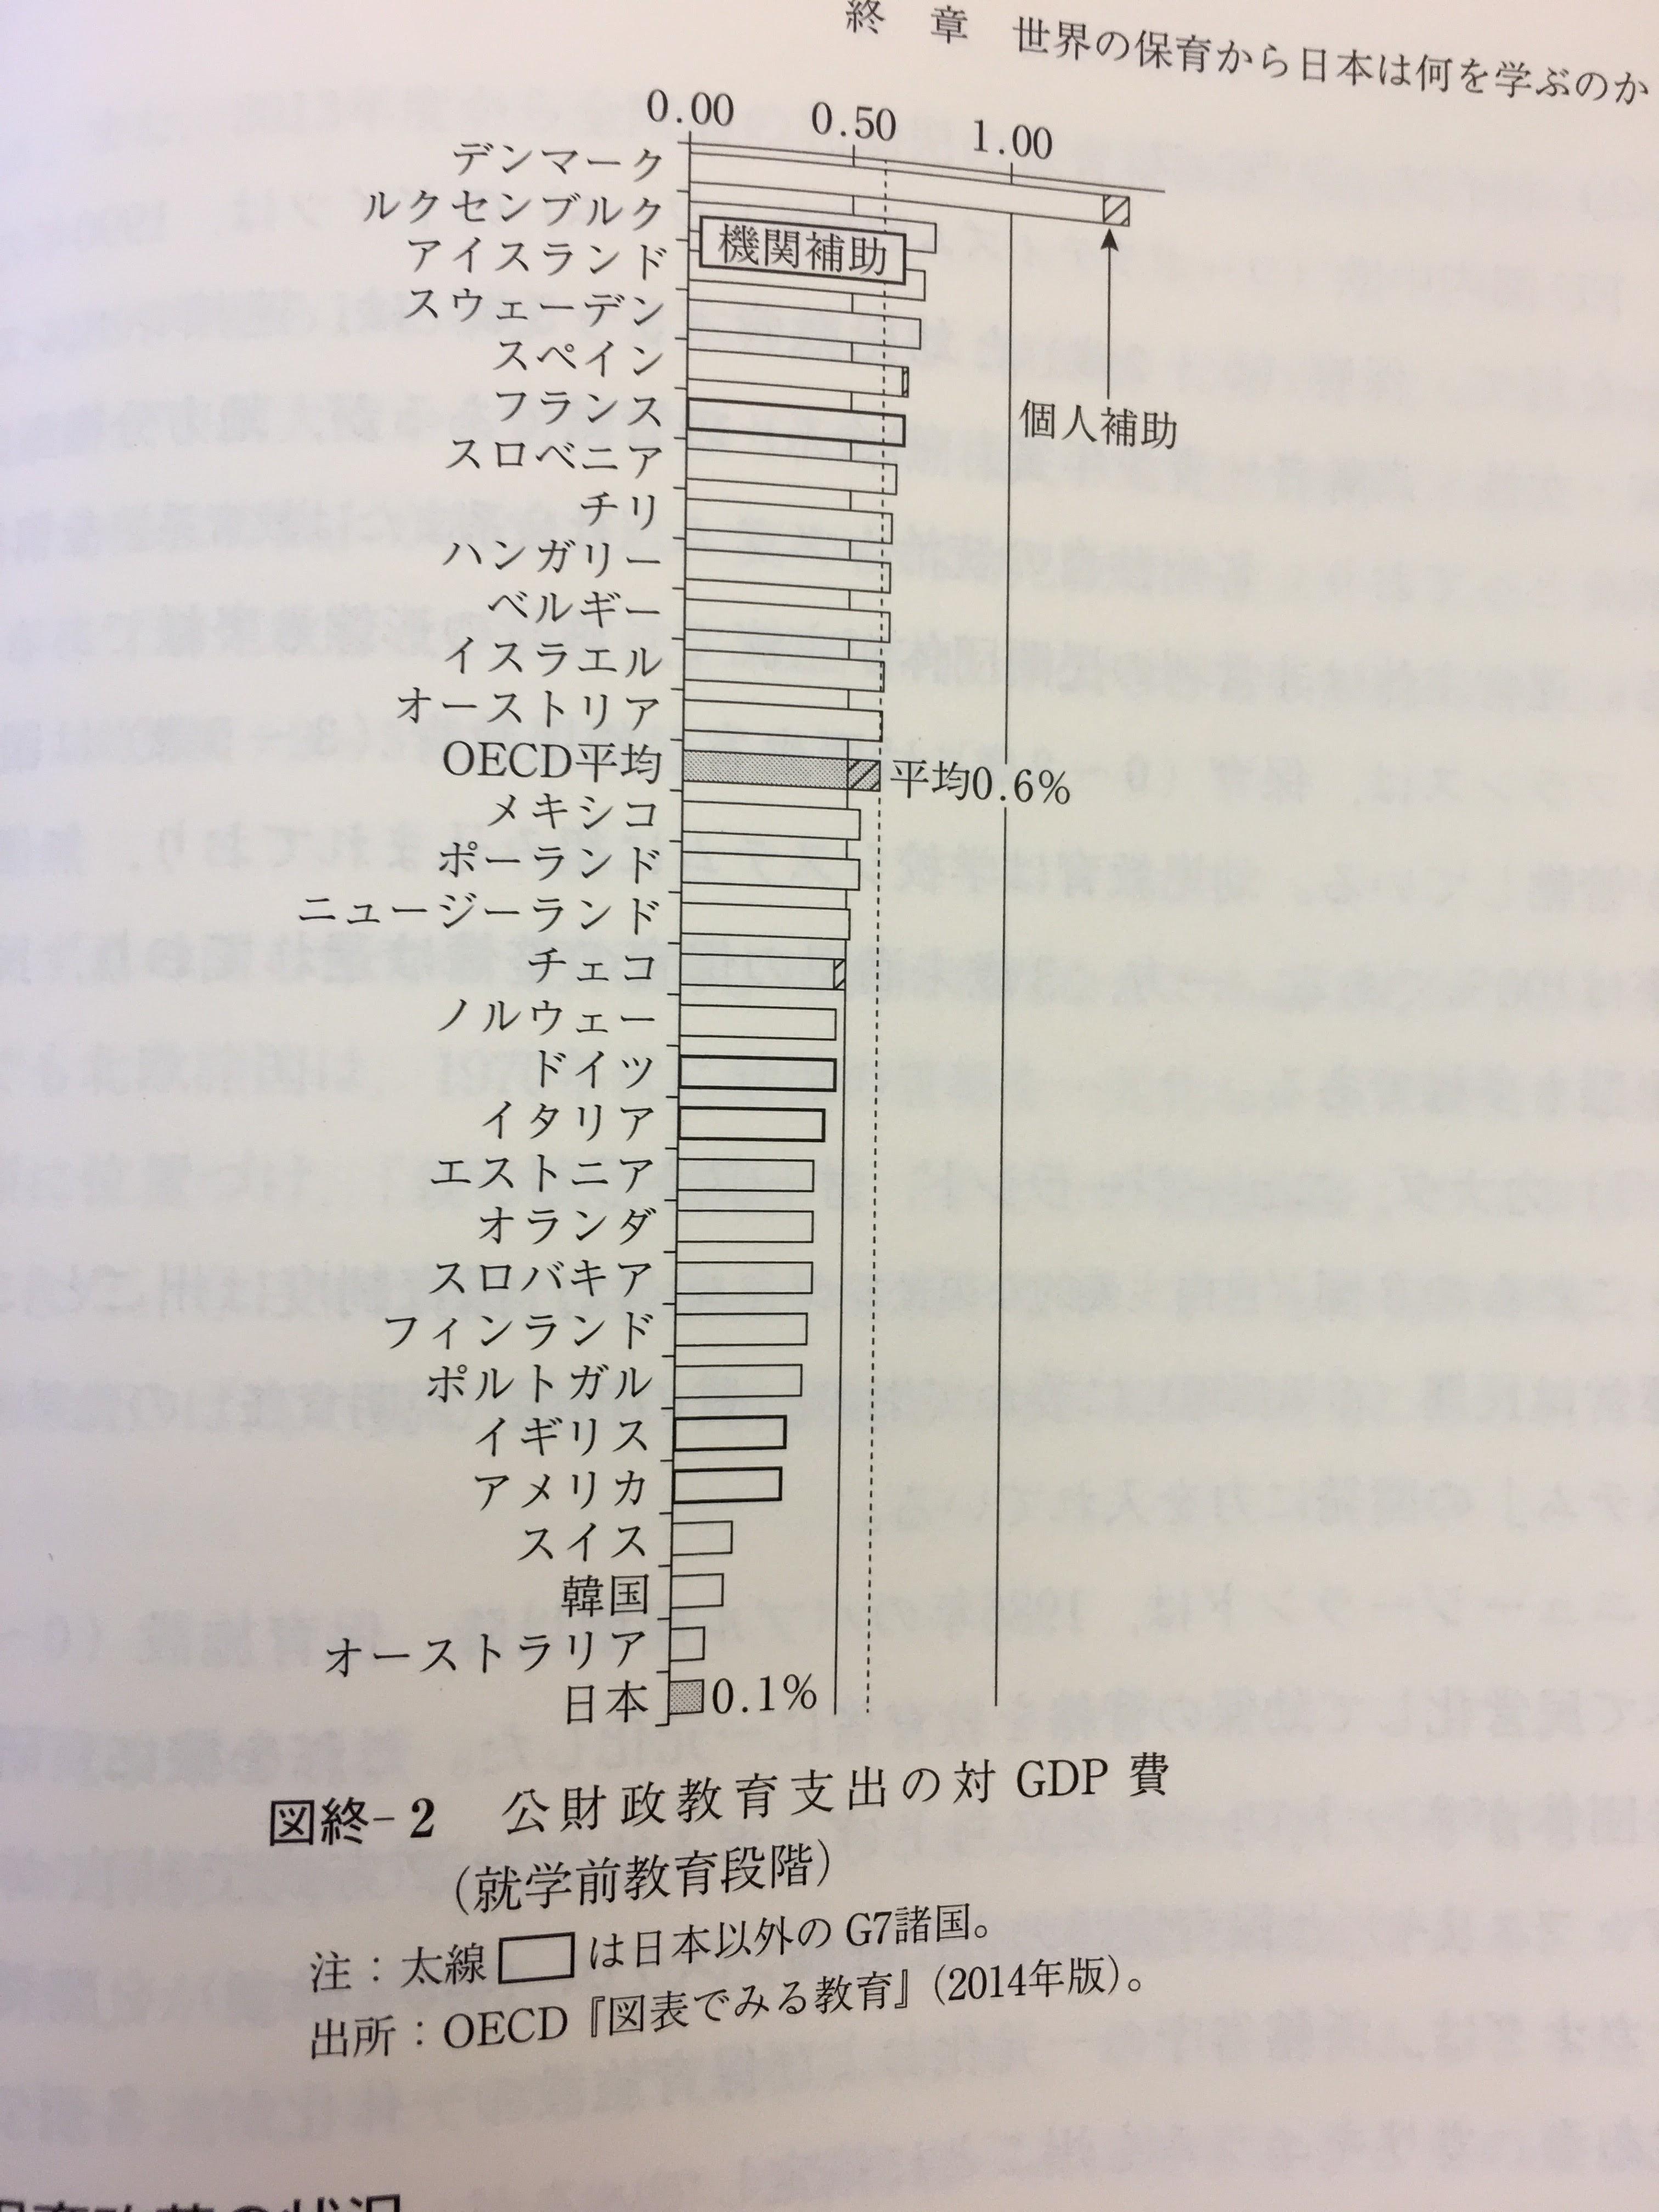 公財政教育支出の対GDP費(就学前教育段階)